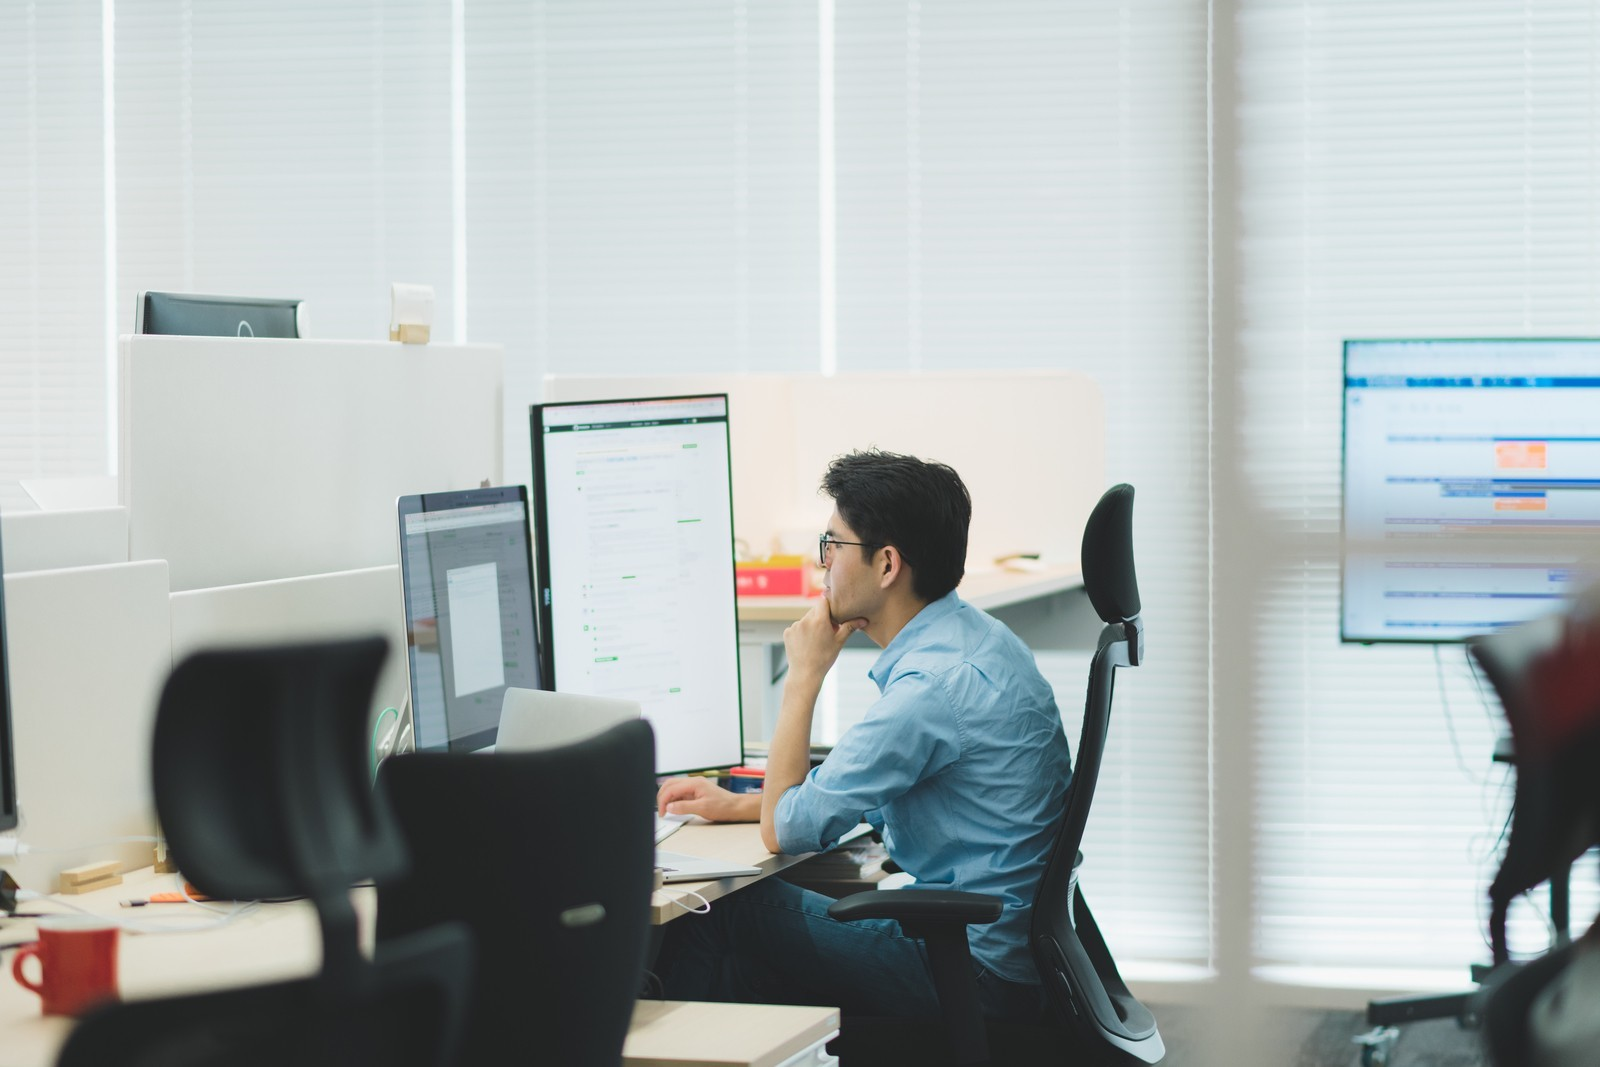 【社内ITコンサルタント】業務改善プロジェクトを推進するポジション